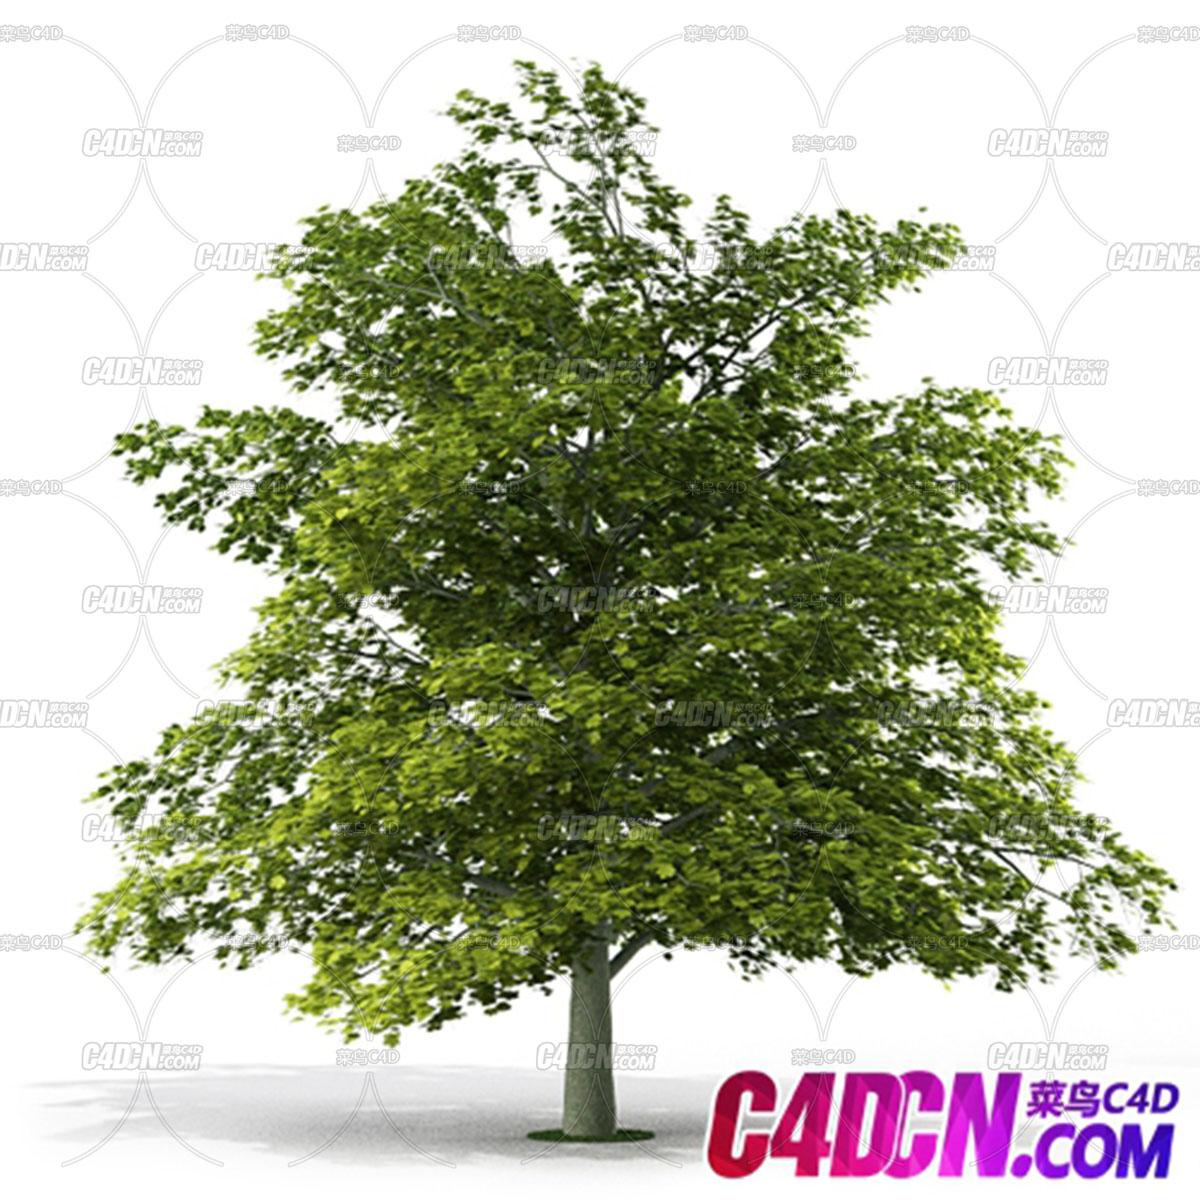 C4D模型 枝繁叶茂的绿色树木模型